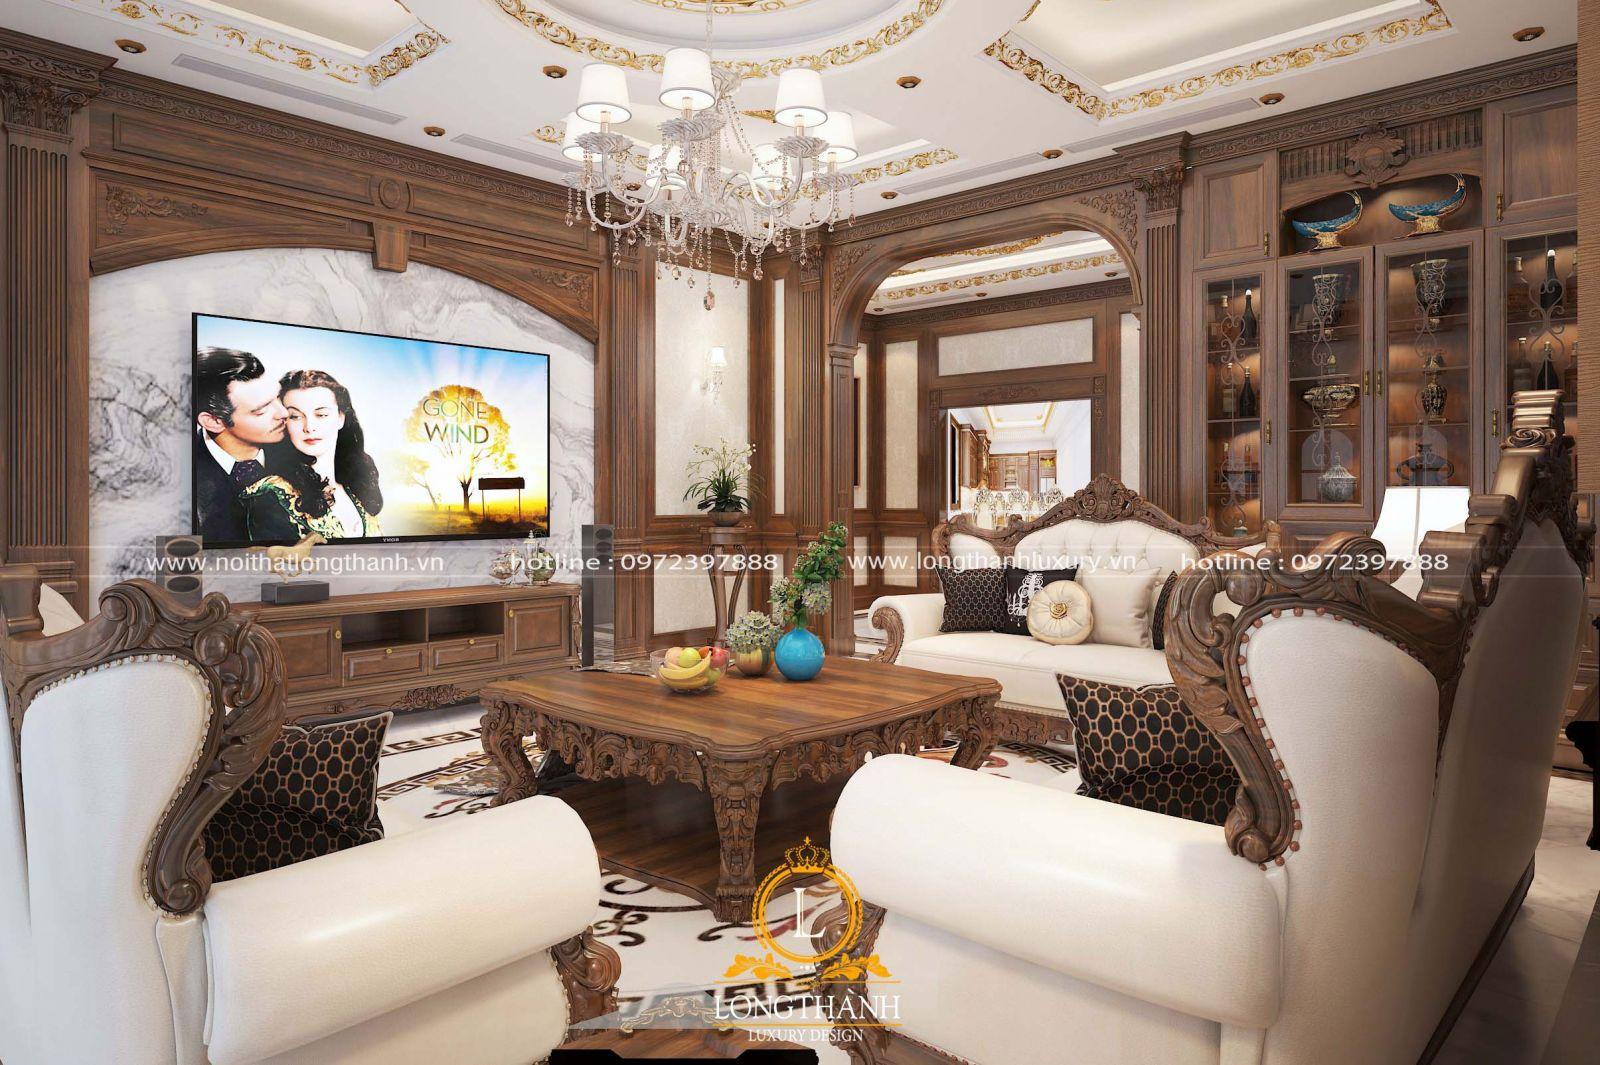 Thiết kế nội thất tân cổ điển cho nhà biệt thự rộng